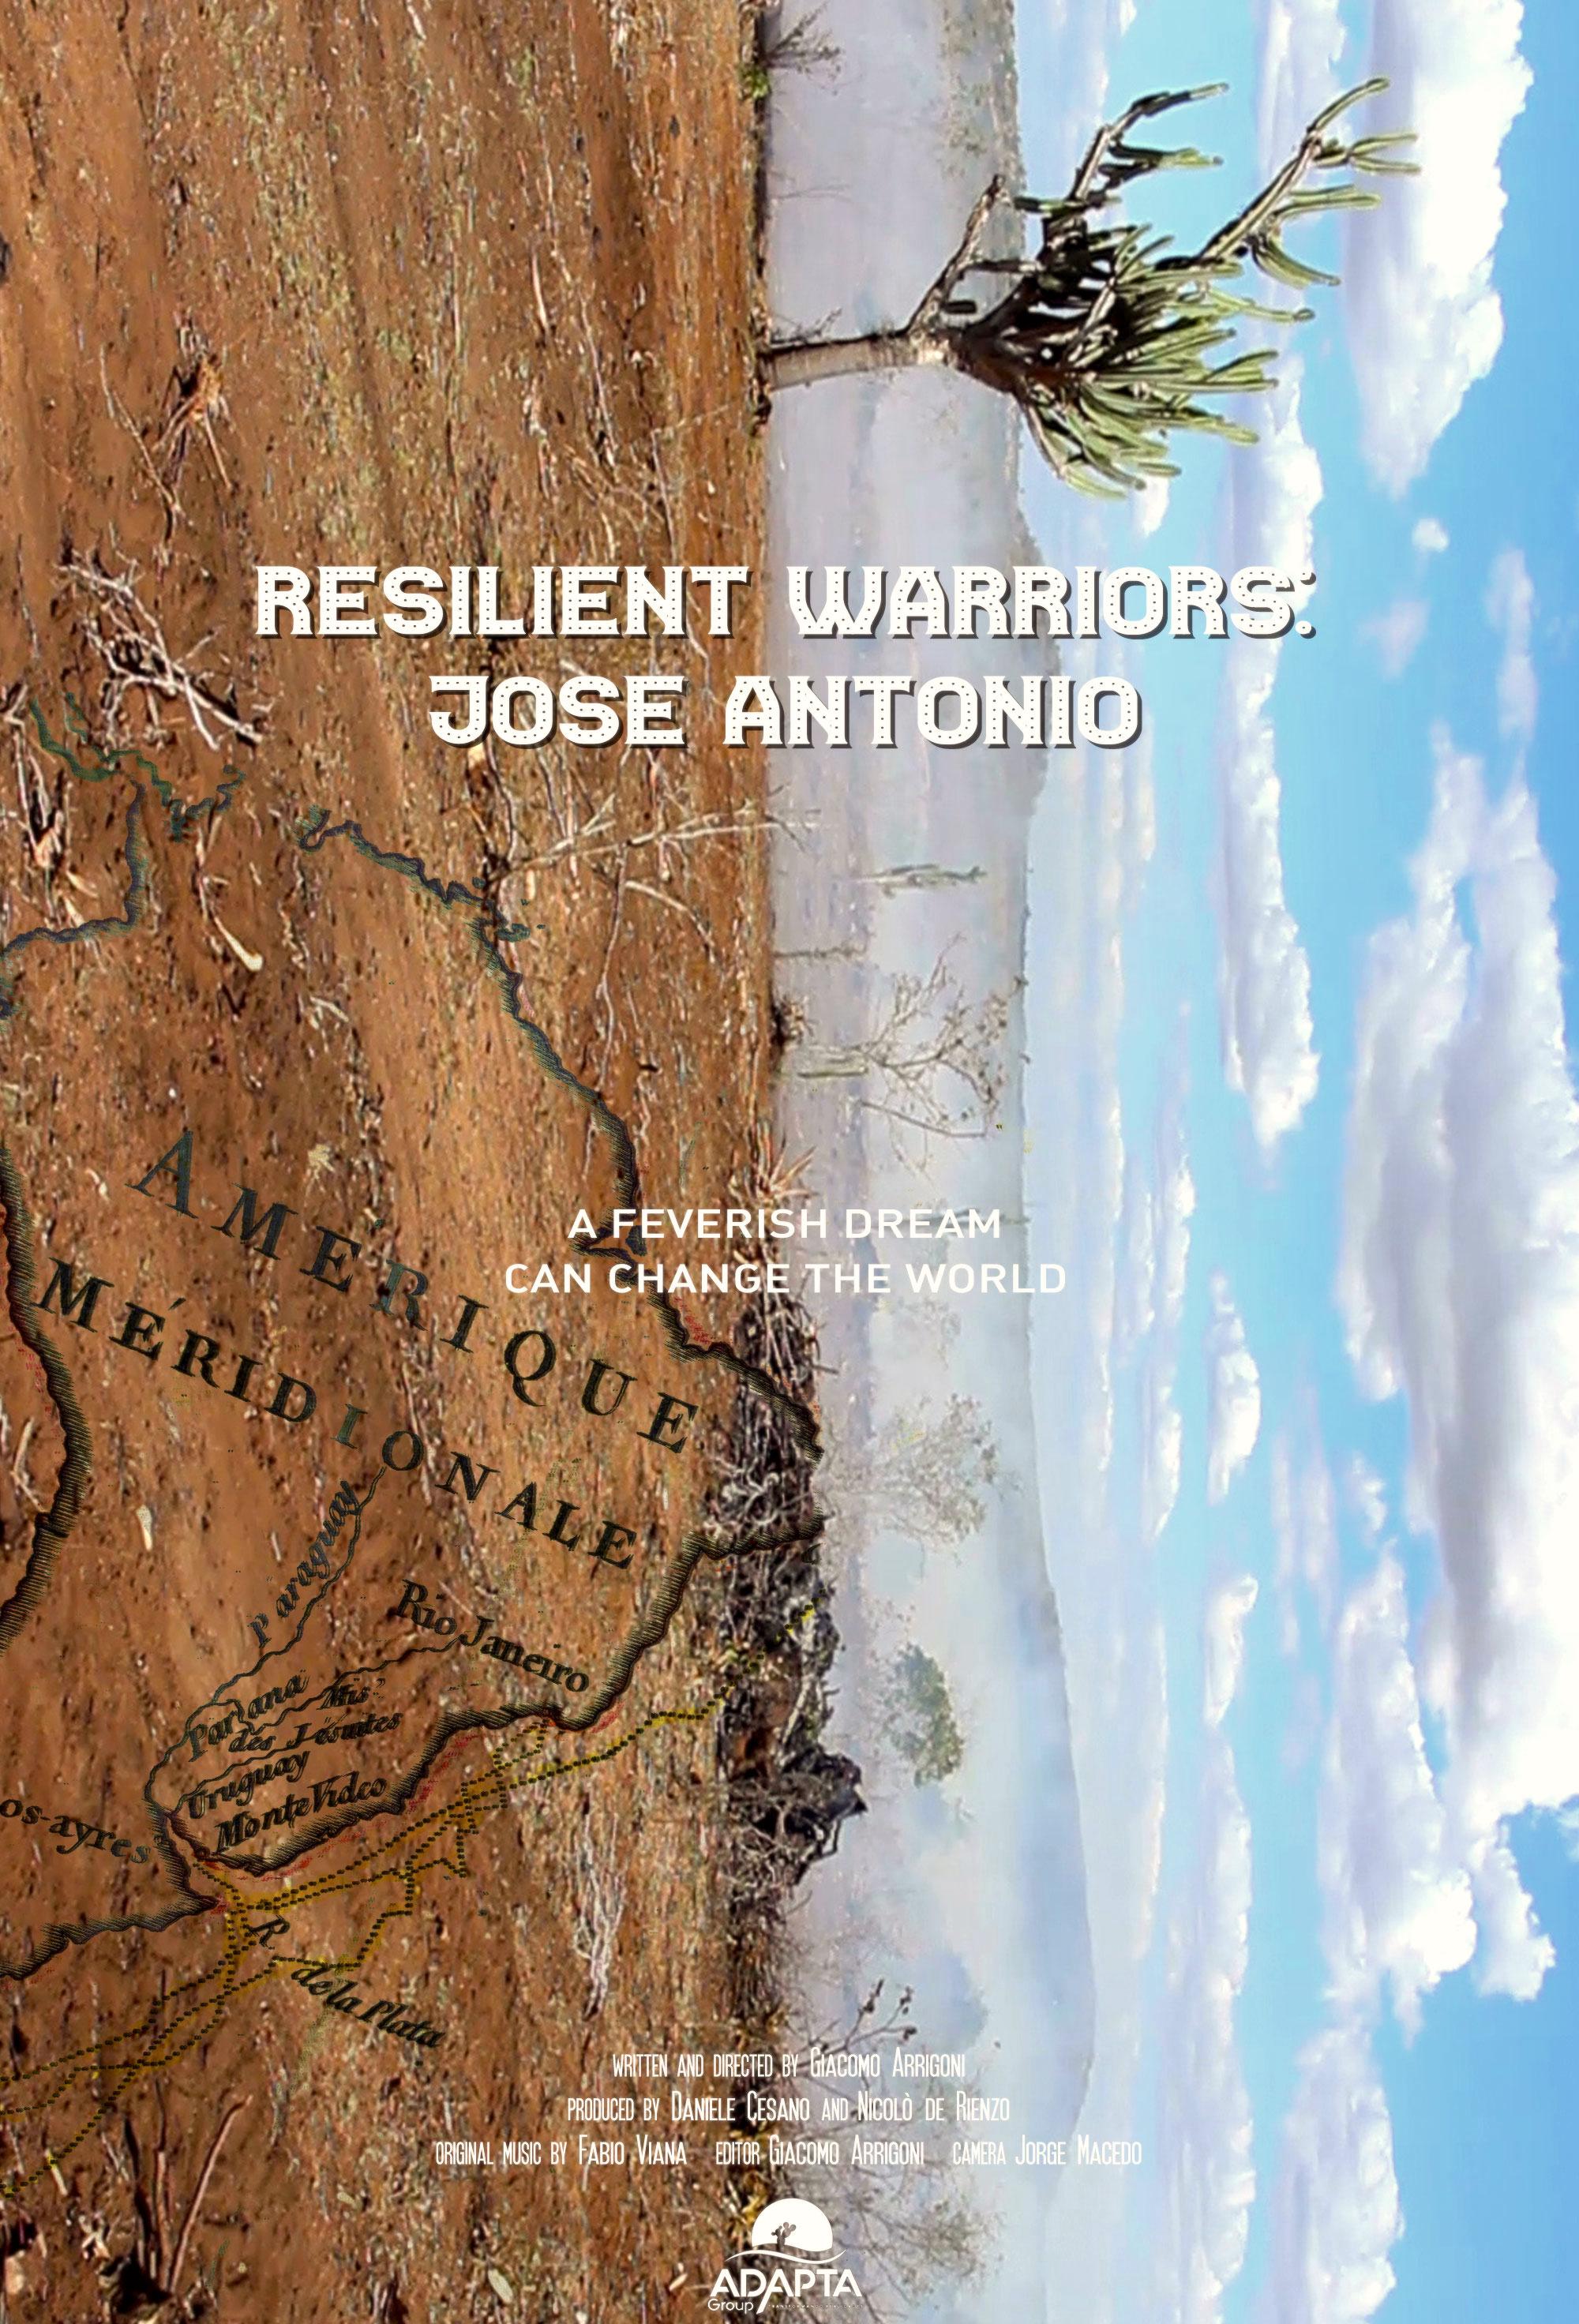 Resilient Warriors: Jose Antonio